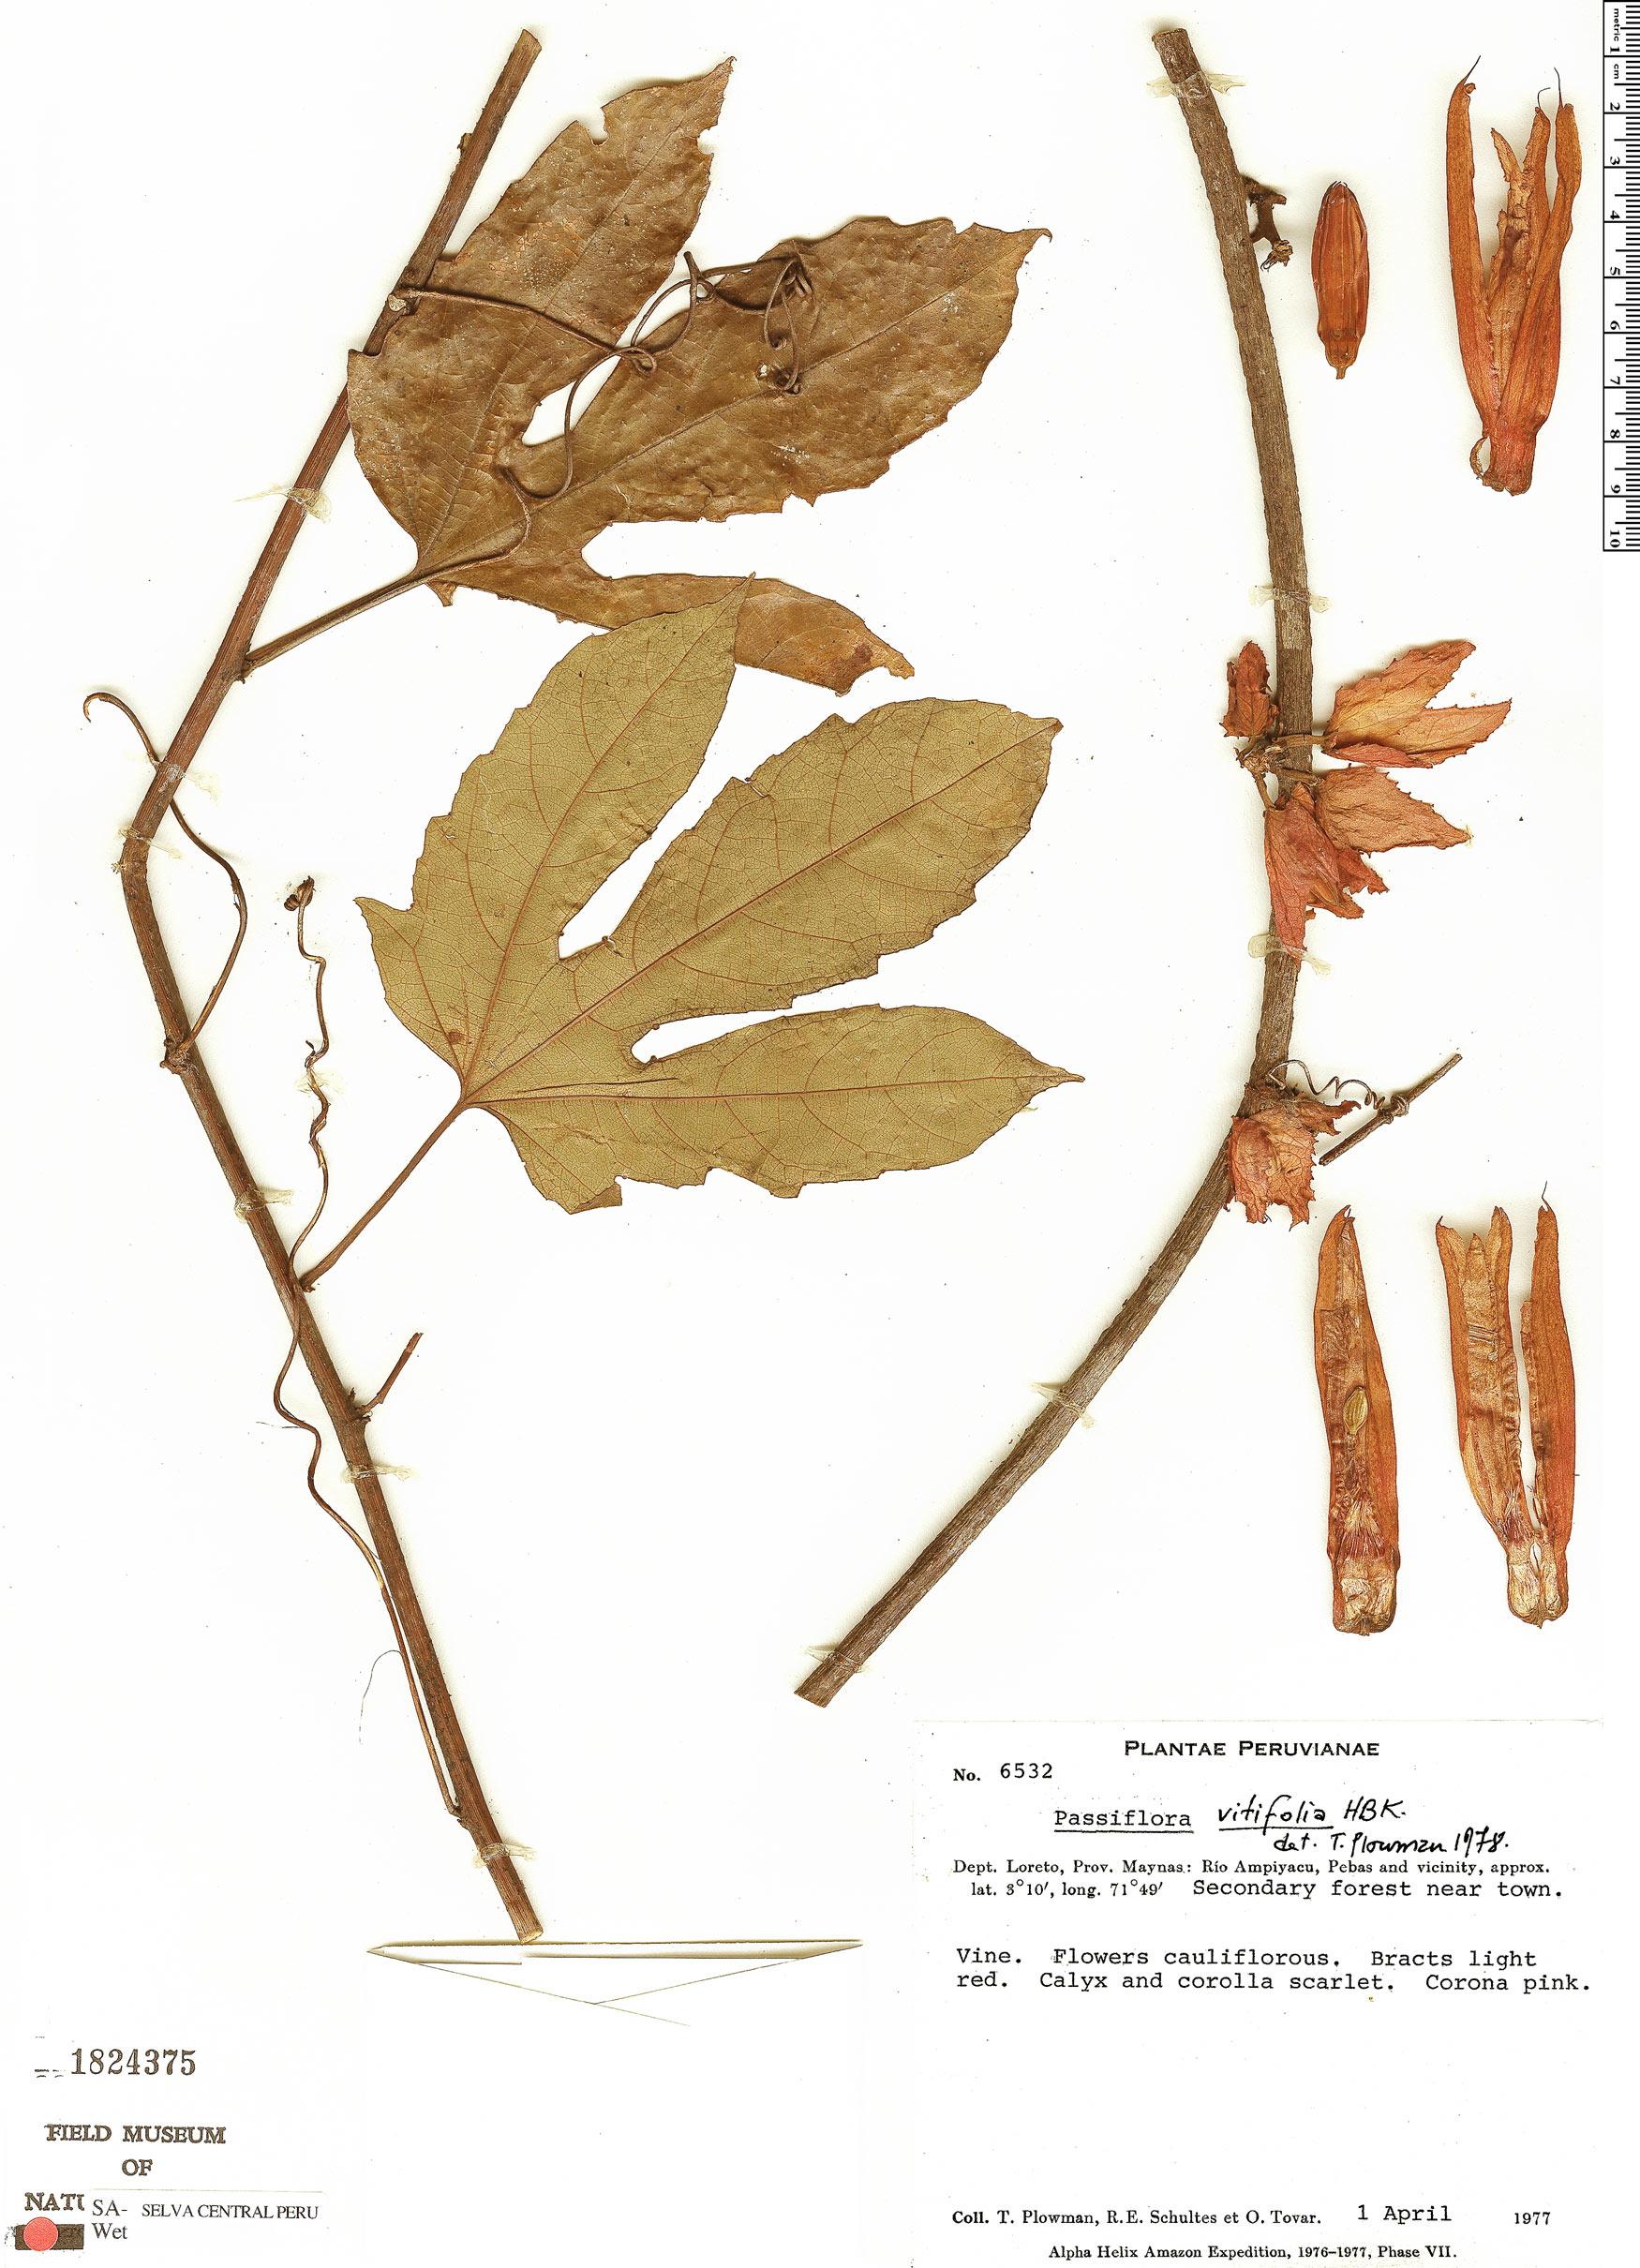 Specimen: Passiflora vitifolia